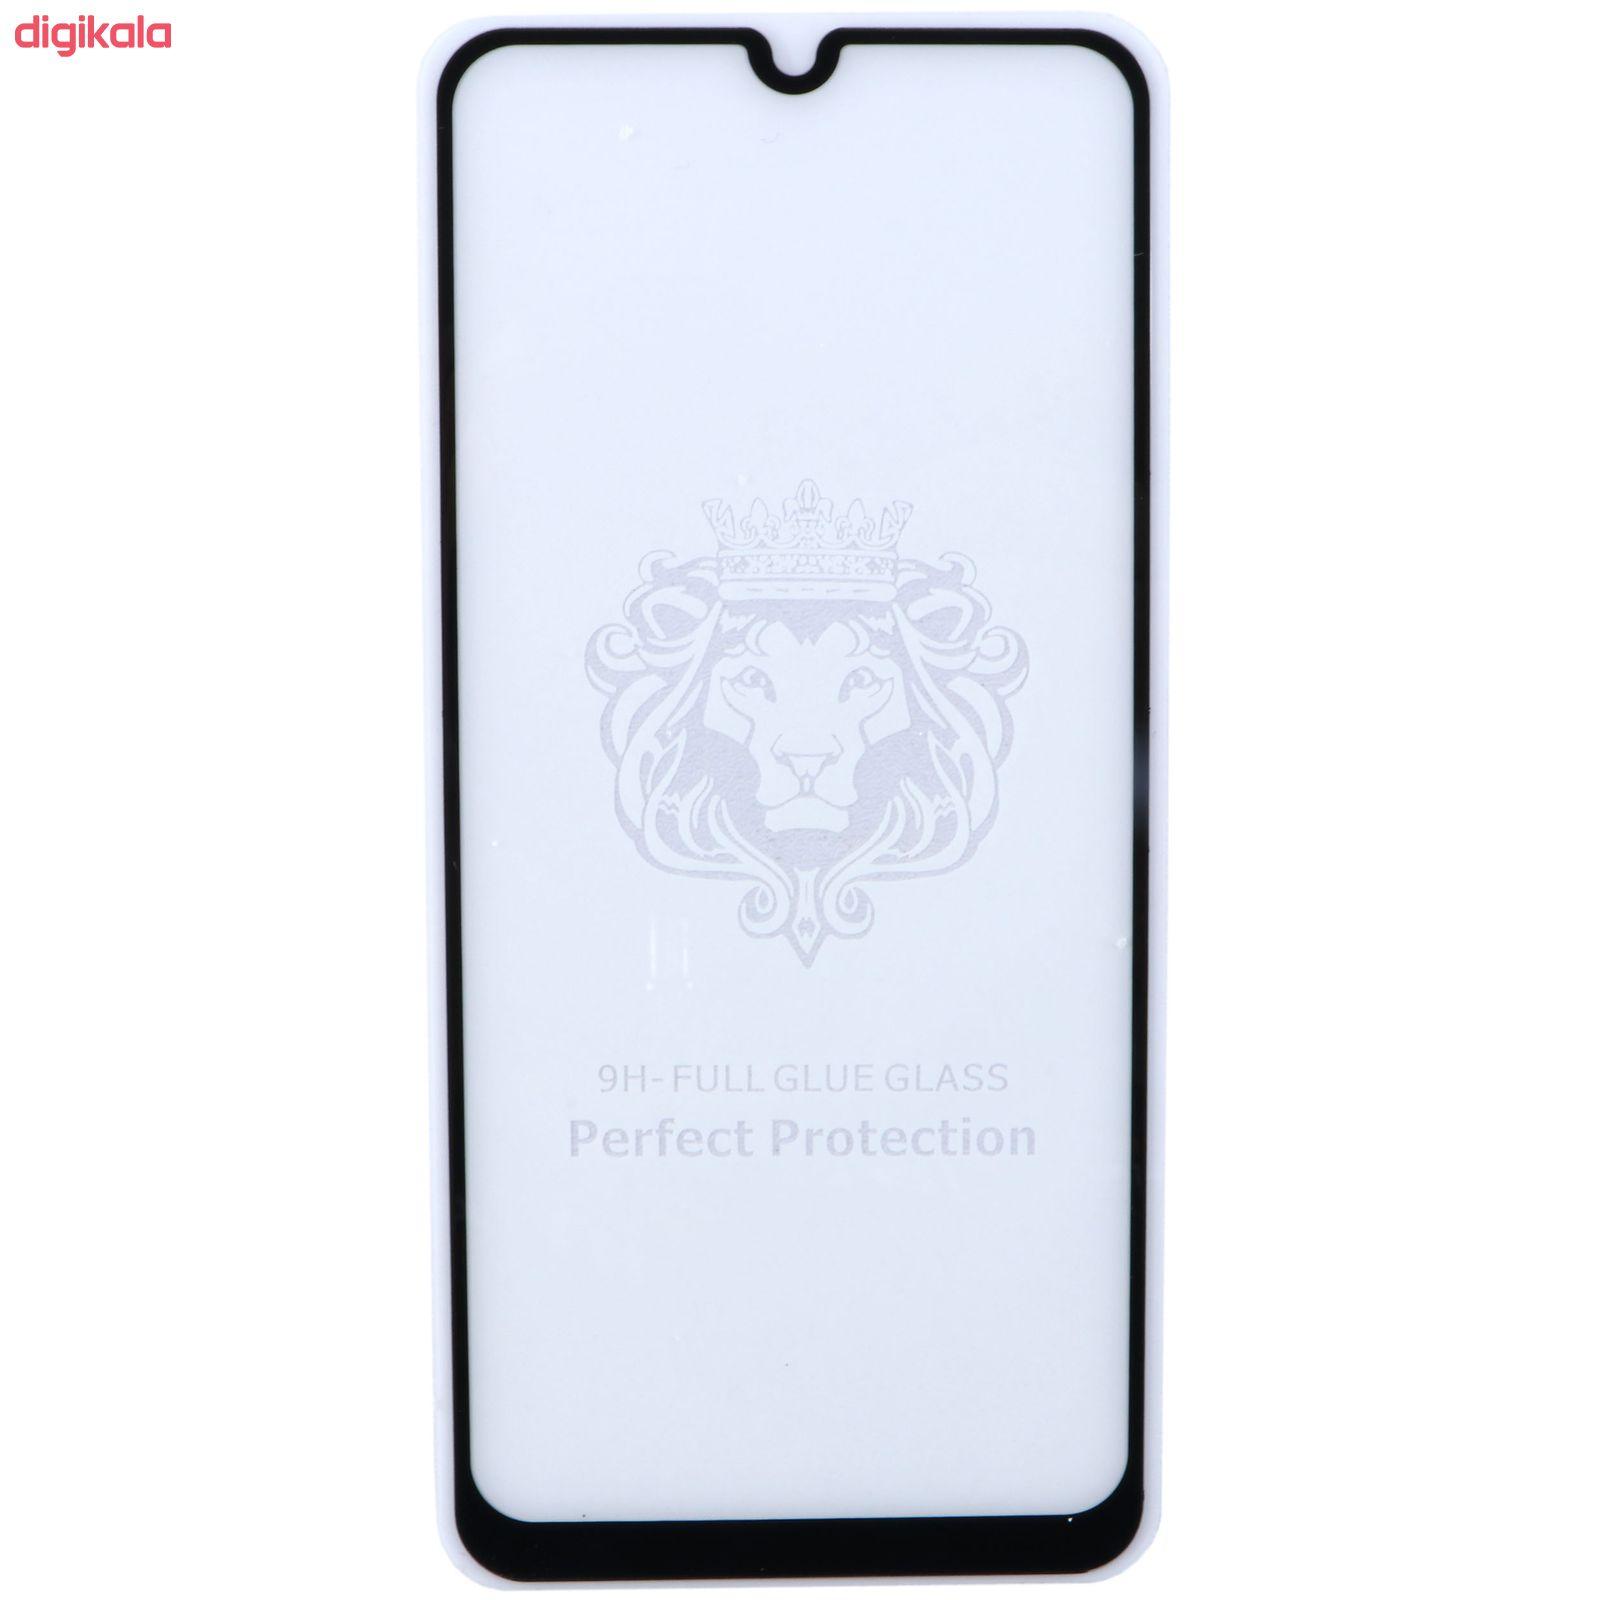 محافظ صفحه نمایش مدل e63 مناسب برای گوشی موبایل سامسونگ Galaxy A50/A30s/A50s  main 1 1